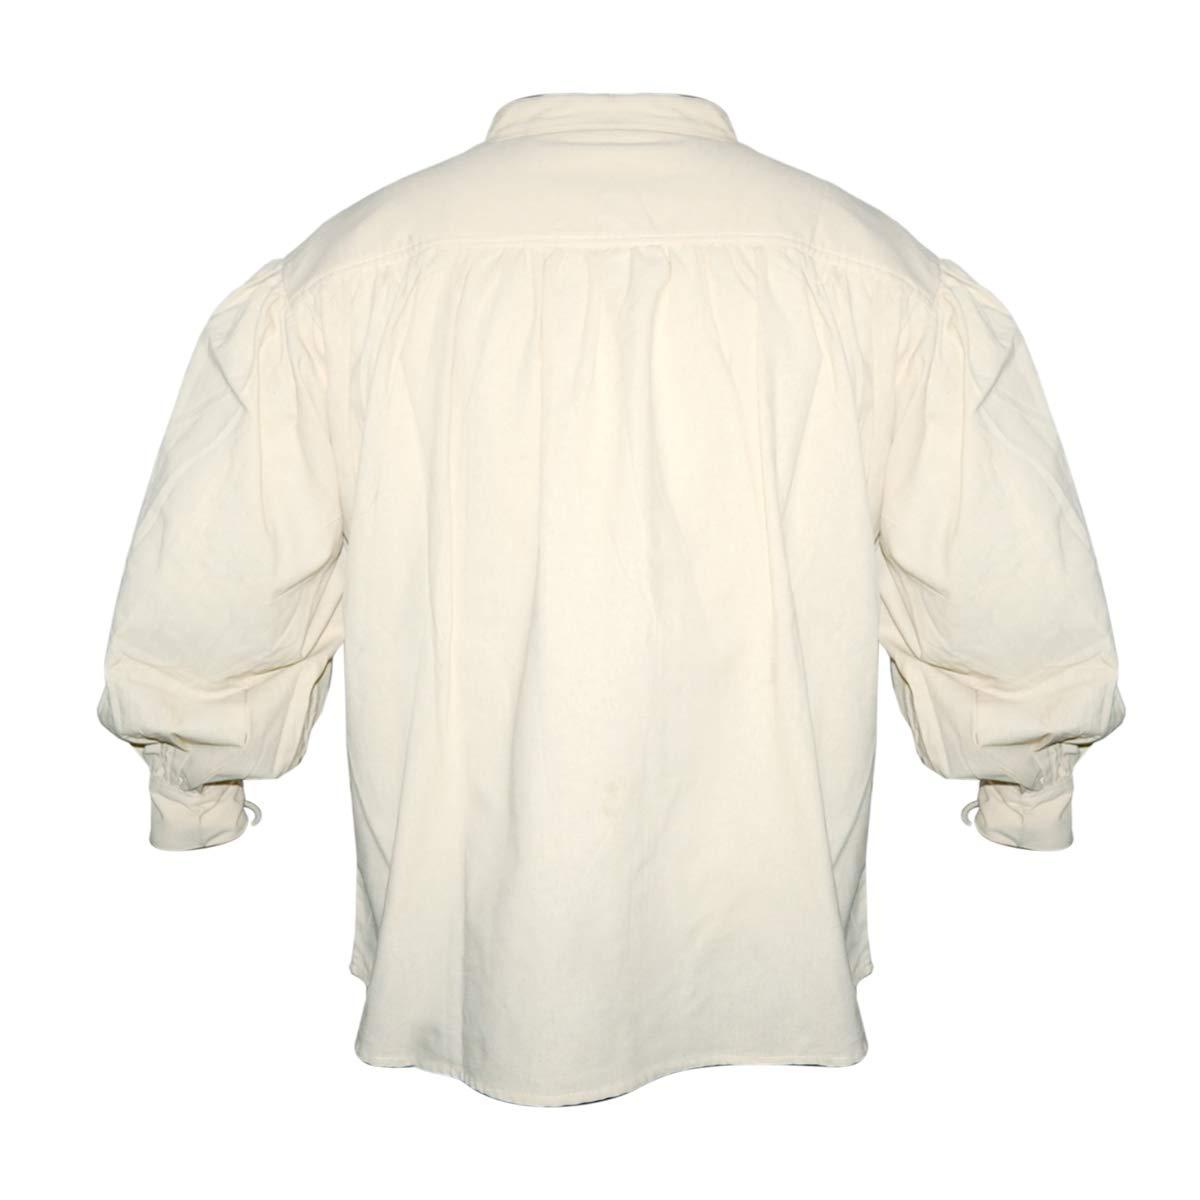 Natur//Mittelalter Gewandung//Syndicate Armoury SAY Mittelalter Baumwollhemd mit Schn/ürung an Kragen und /Ärmeln//Farbe